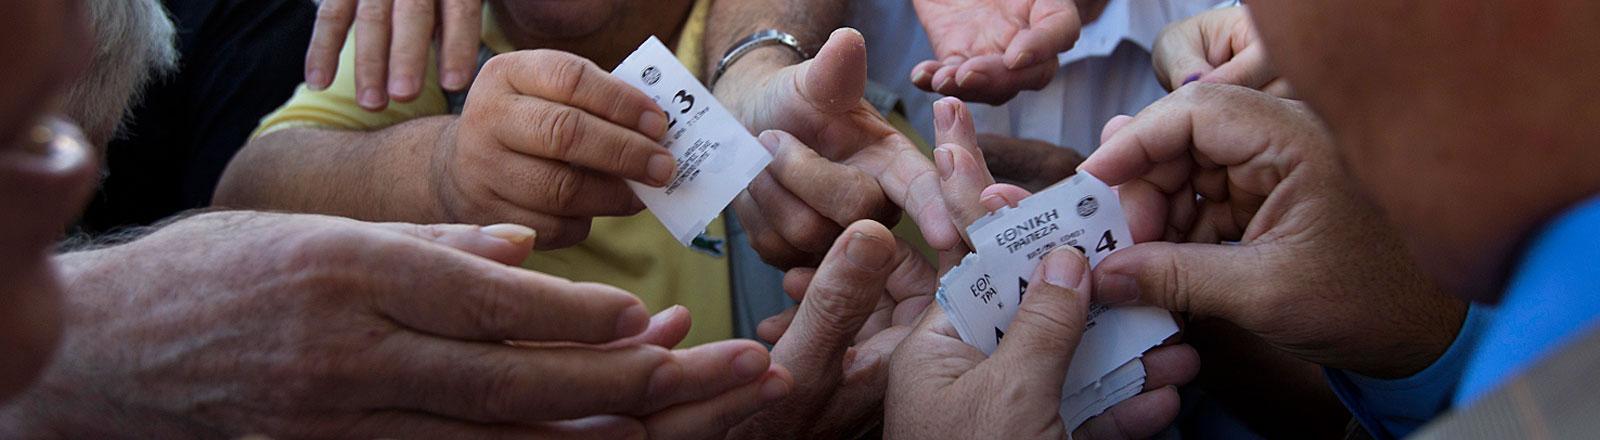 Vor einer Bank in Athen drängen sich Rentner, um eine Nummer für die Position in der Warteschlange zu ziehen.